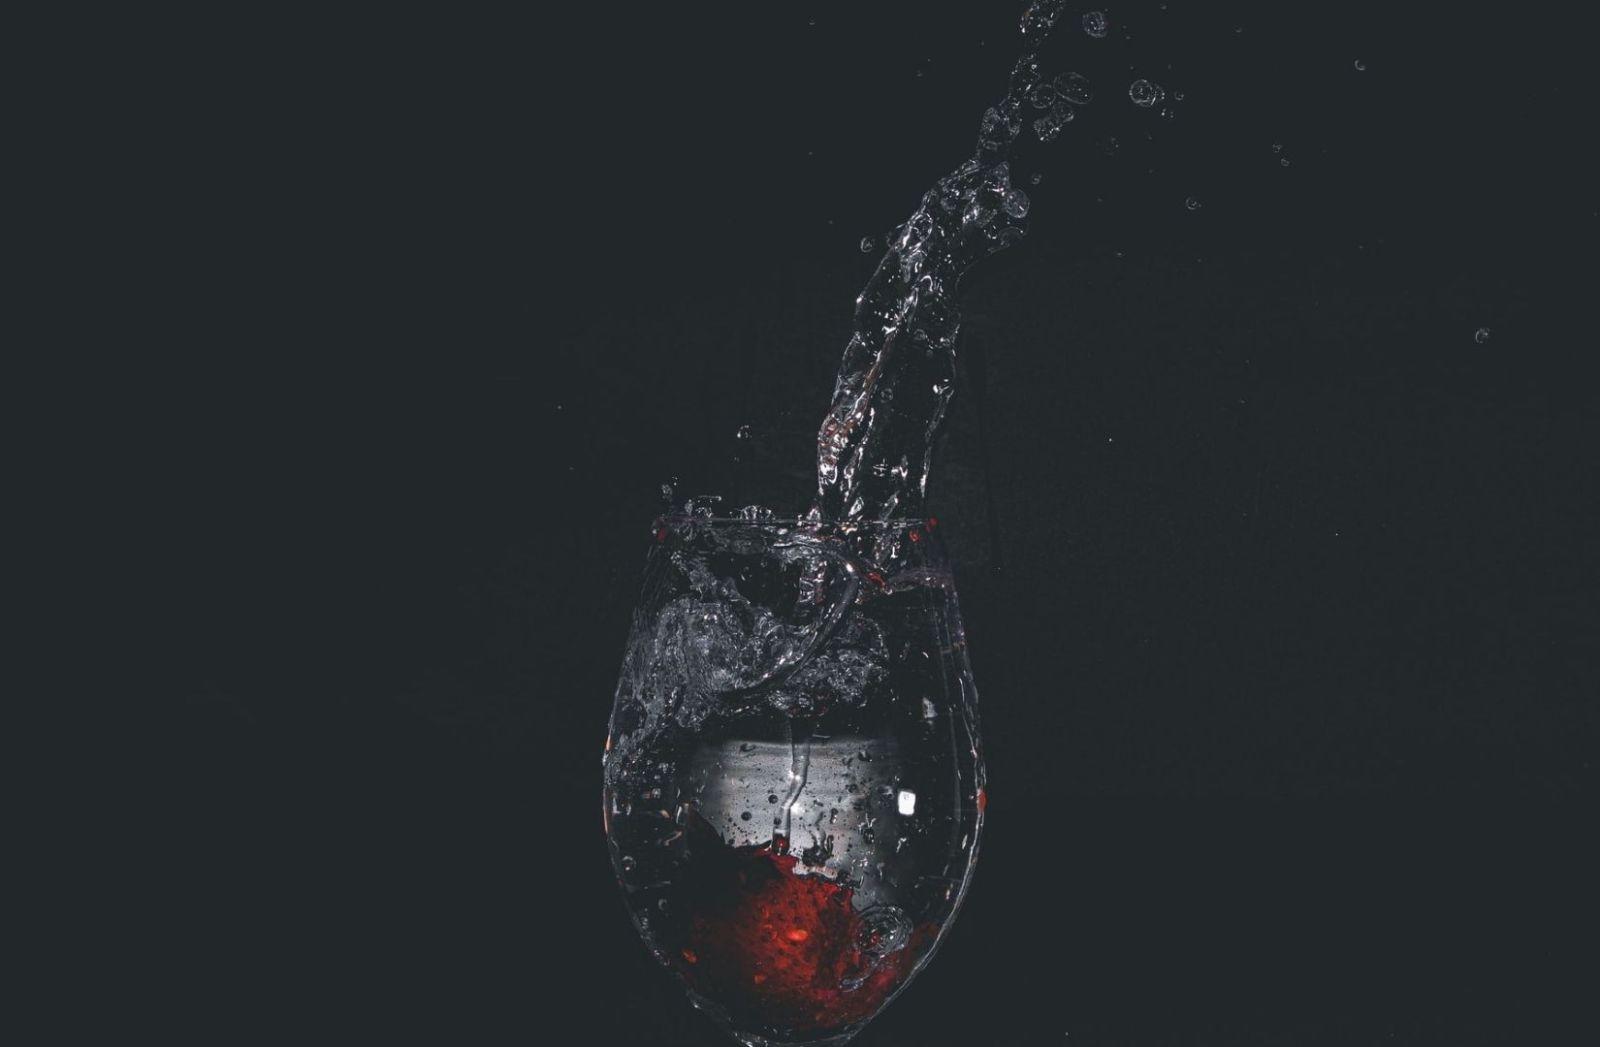 Ein Glas mit Wasser vor schwarzem Hintergrund. (Foto: Nihon Graphy, Unsplash.com)